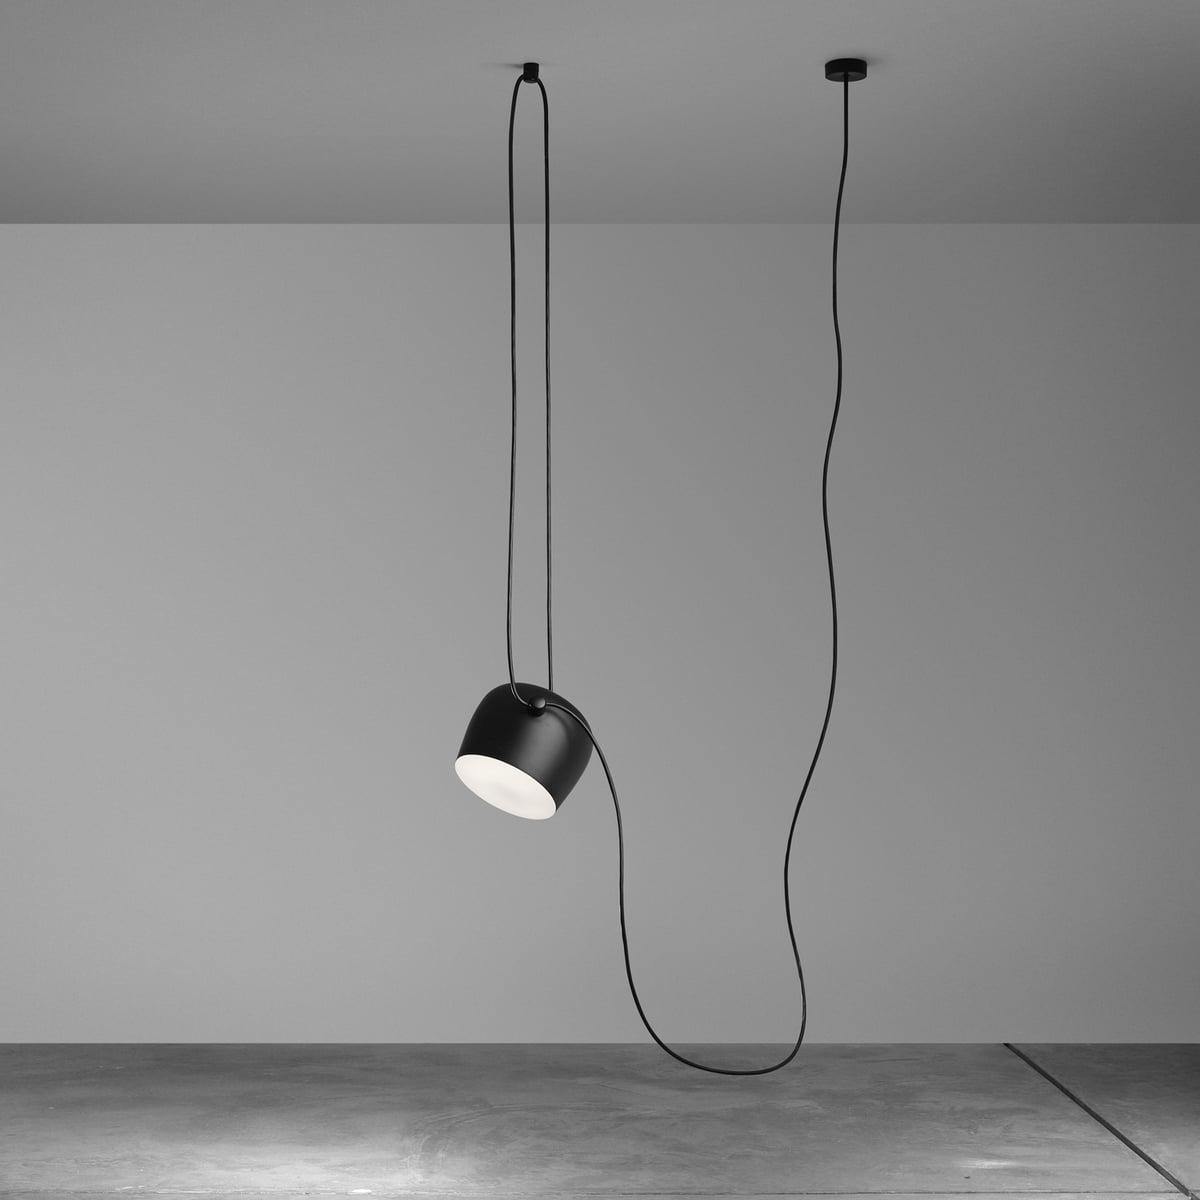 Flos aim small led pendant lamp for Aim flos prezzo